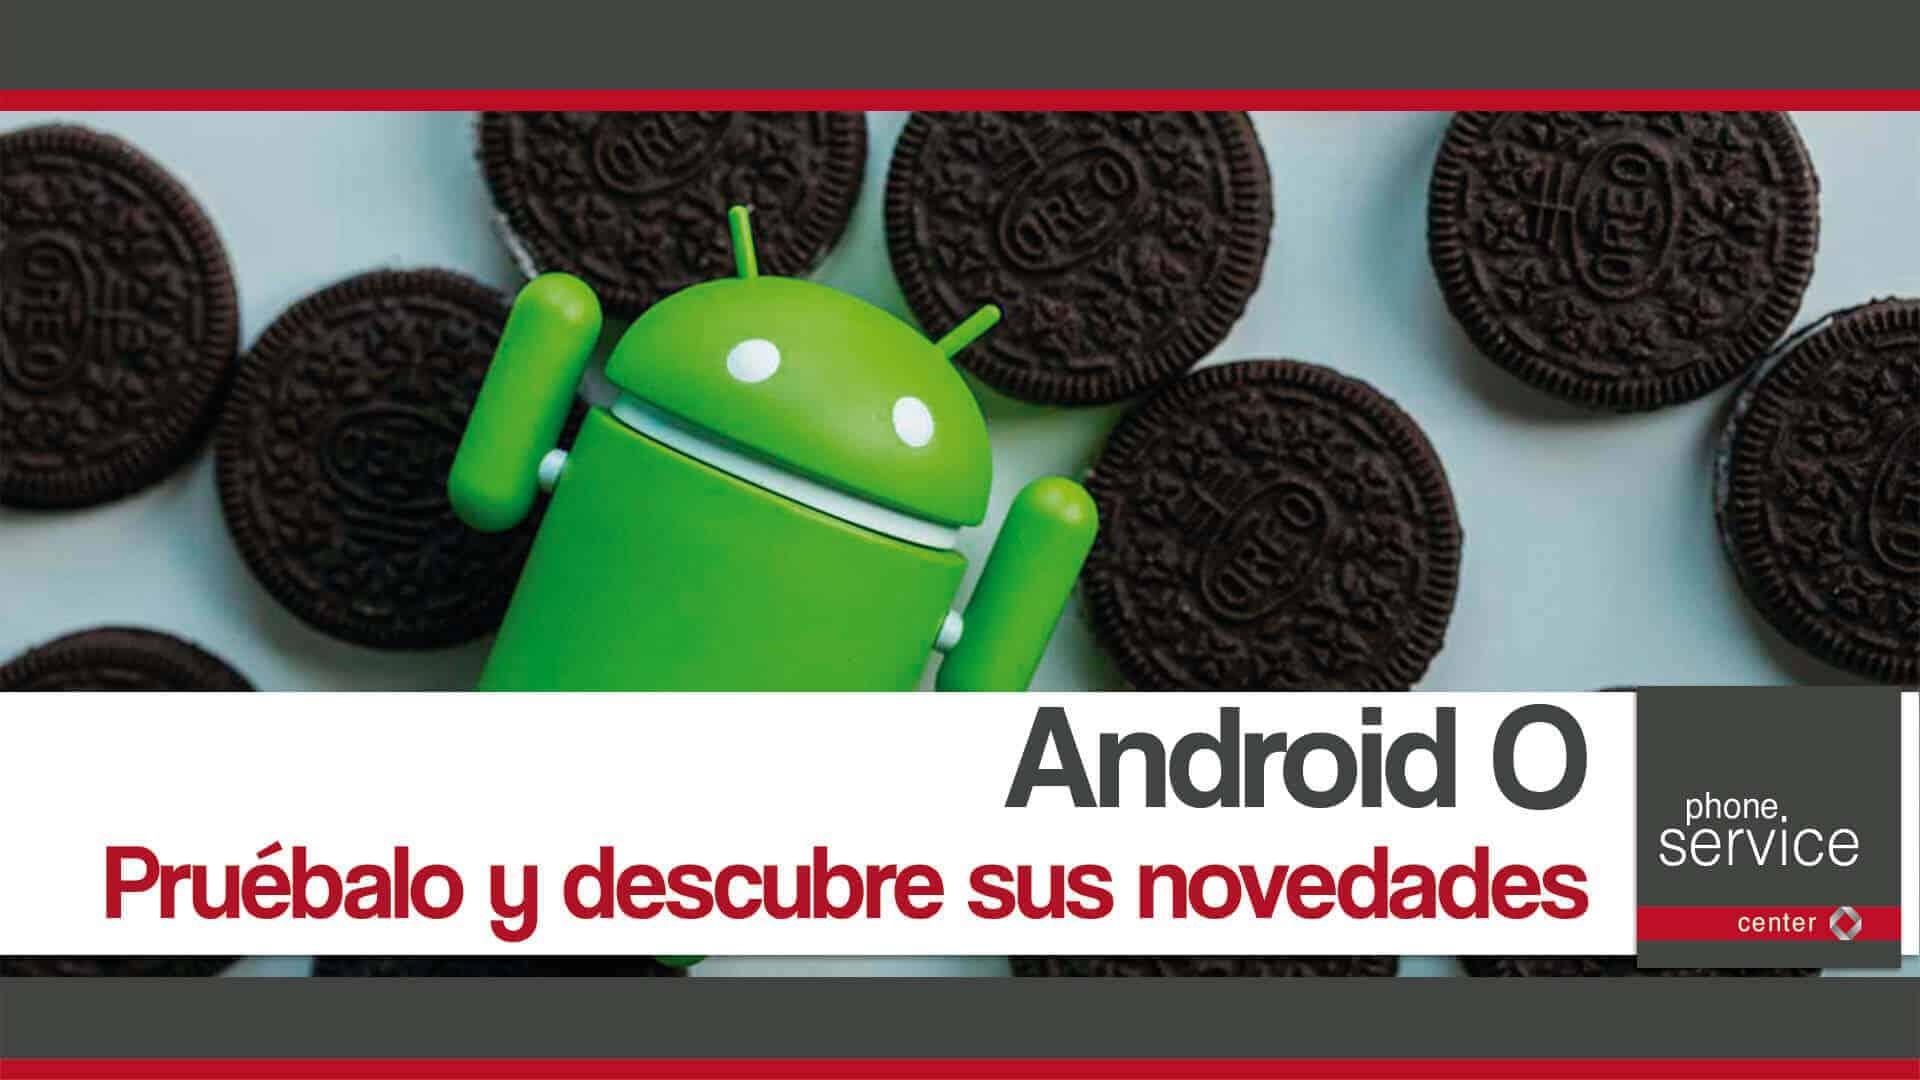 Android O pruebalo y descubre sus novedades